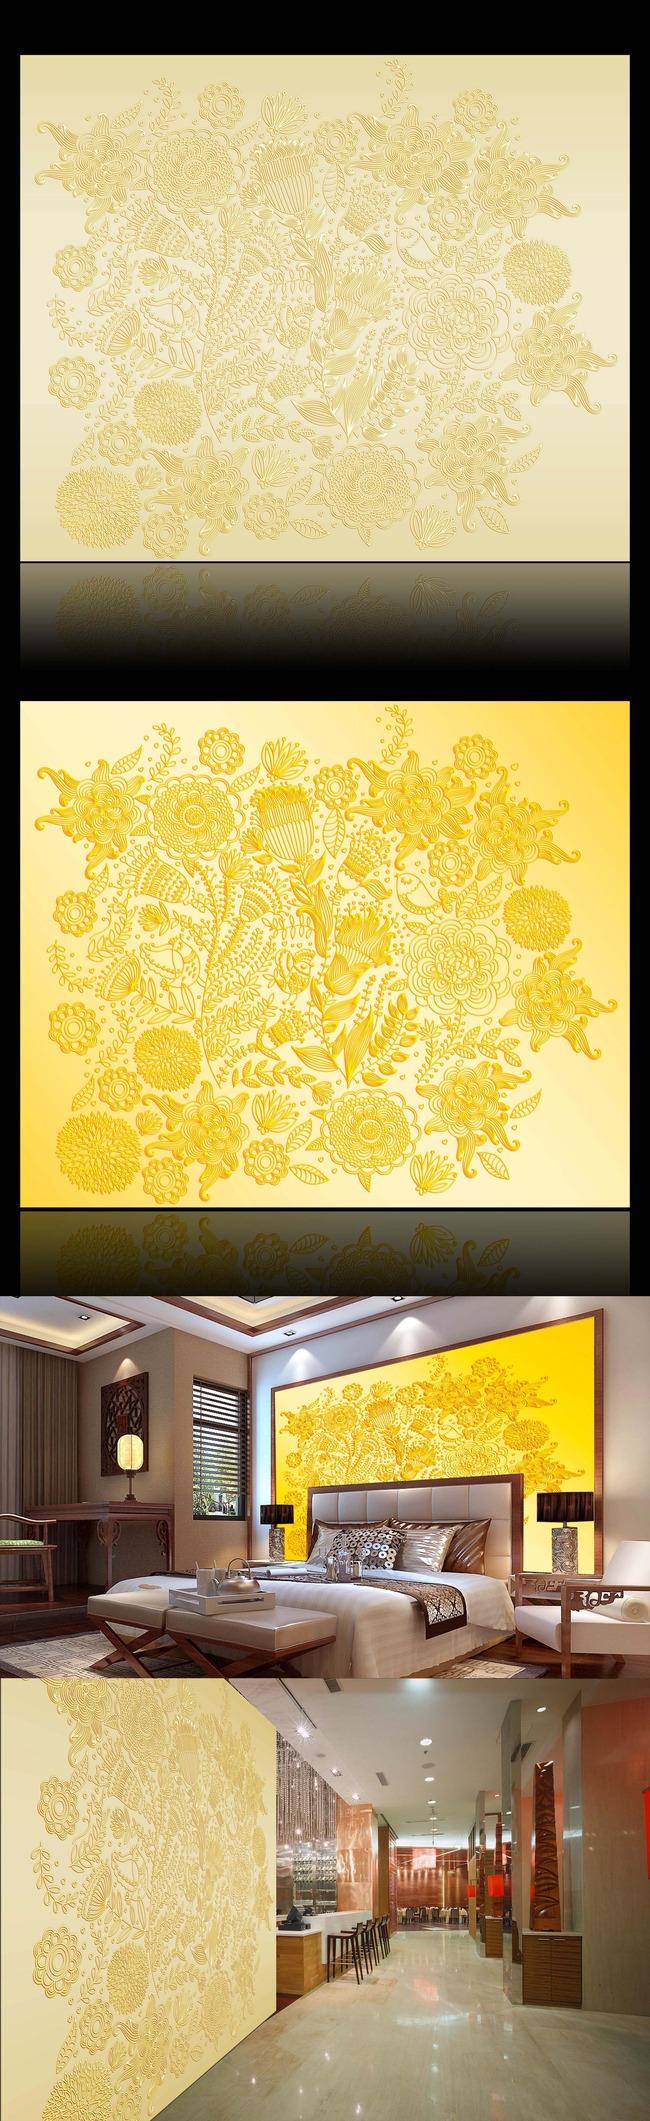 我图网提供精品流行金色玉石古典花纹立体雕刻背景墙素材下载,作品模板源文件可以编辑替换,设计作品简介: 金色玉石古典花纹立体雕刻背景墙,模式:RGB格式高清大图,使用软件为软件: Photoshop CS6(.PSD)